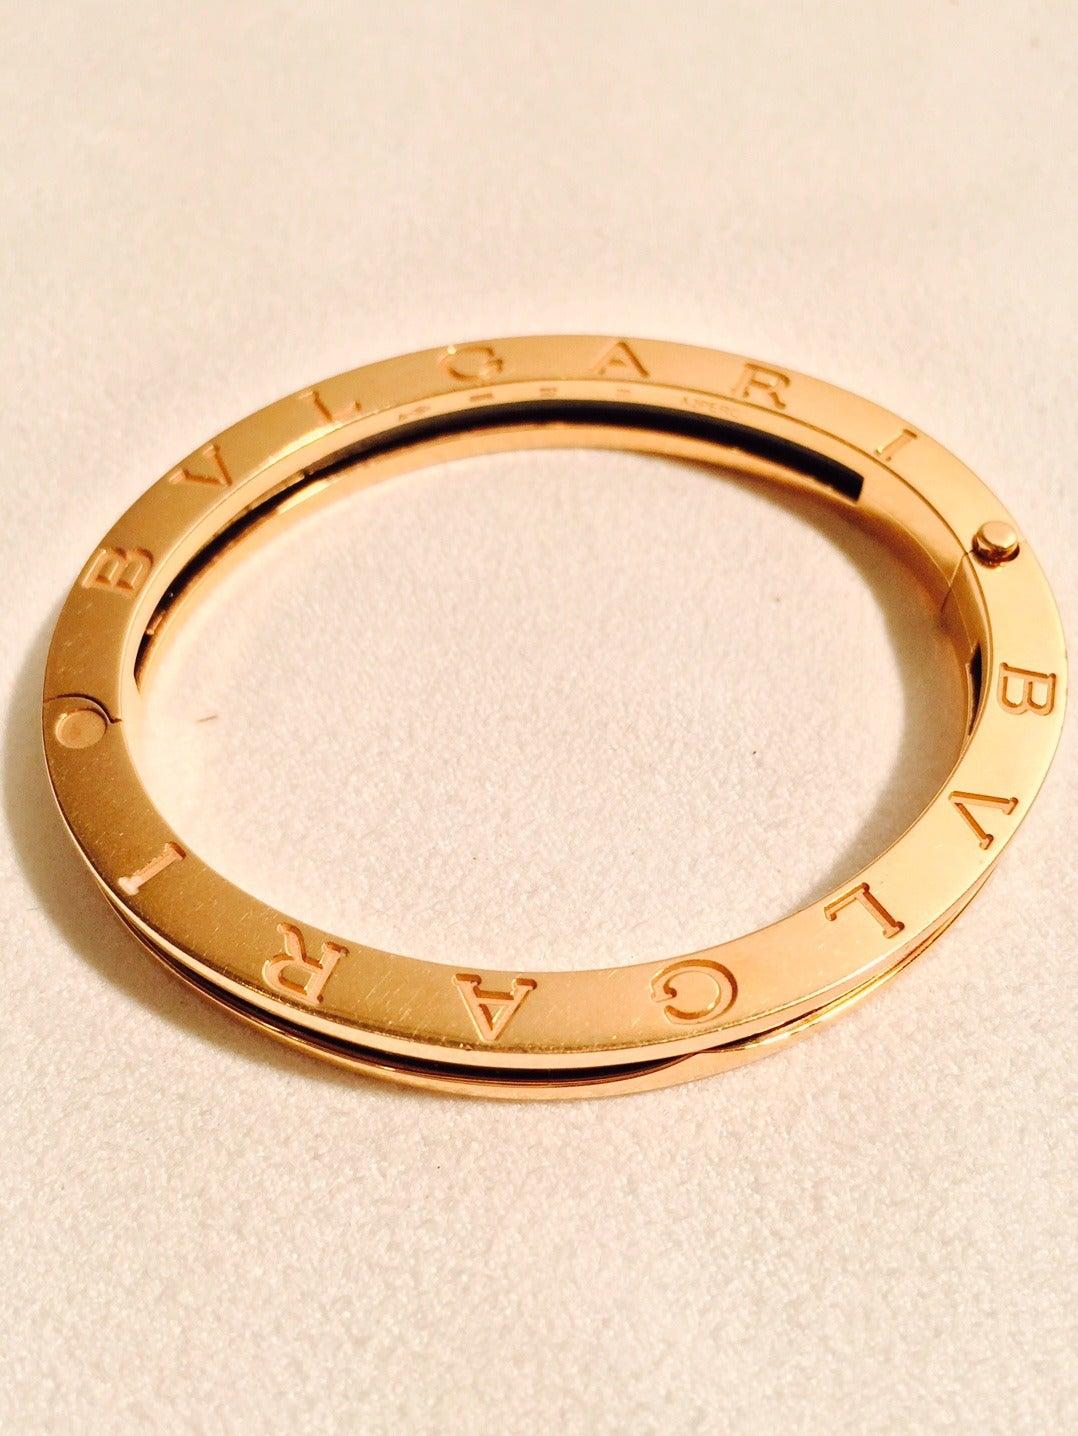 Bvlgari Gold Bangle Bracelet At 1stdibs